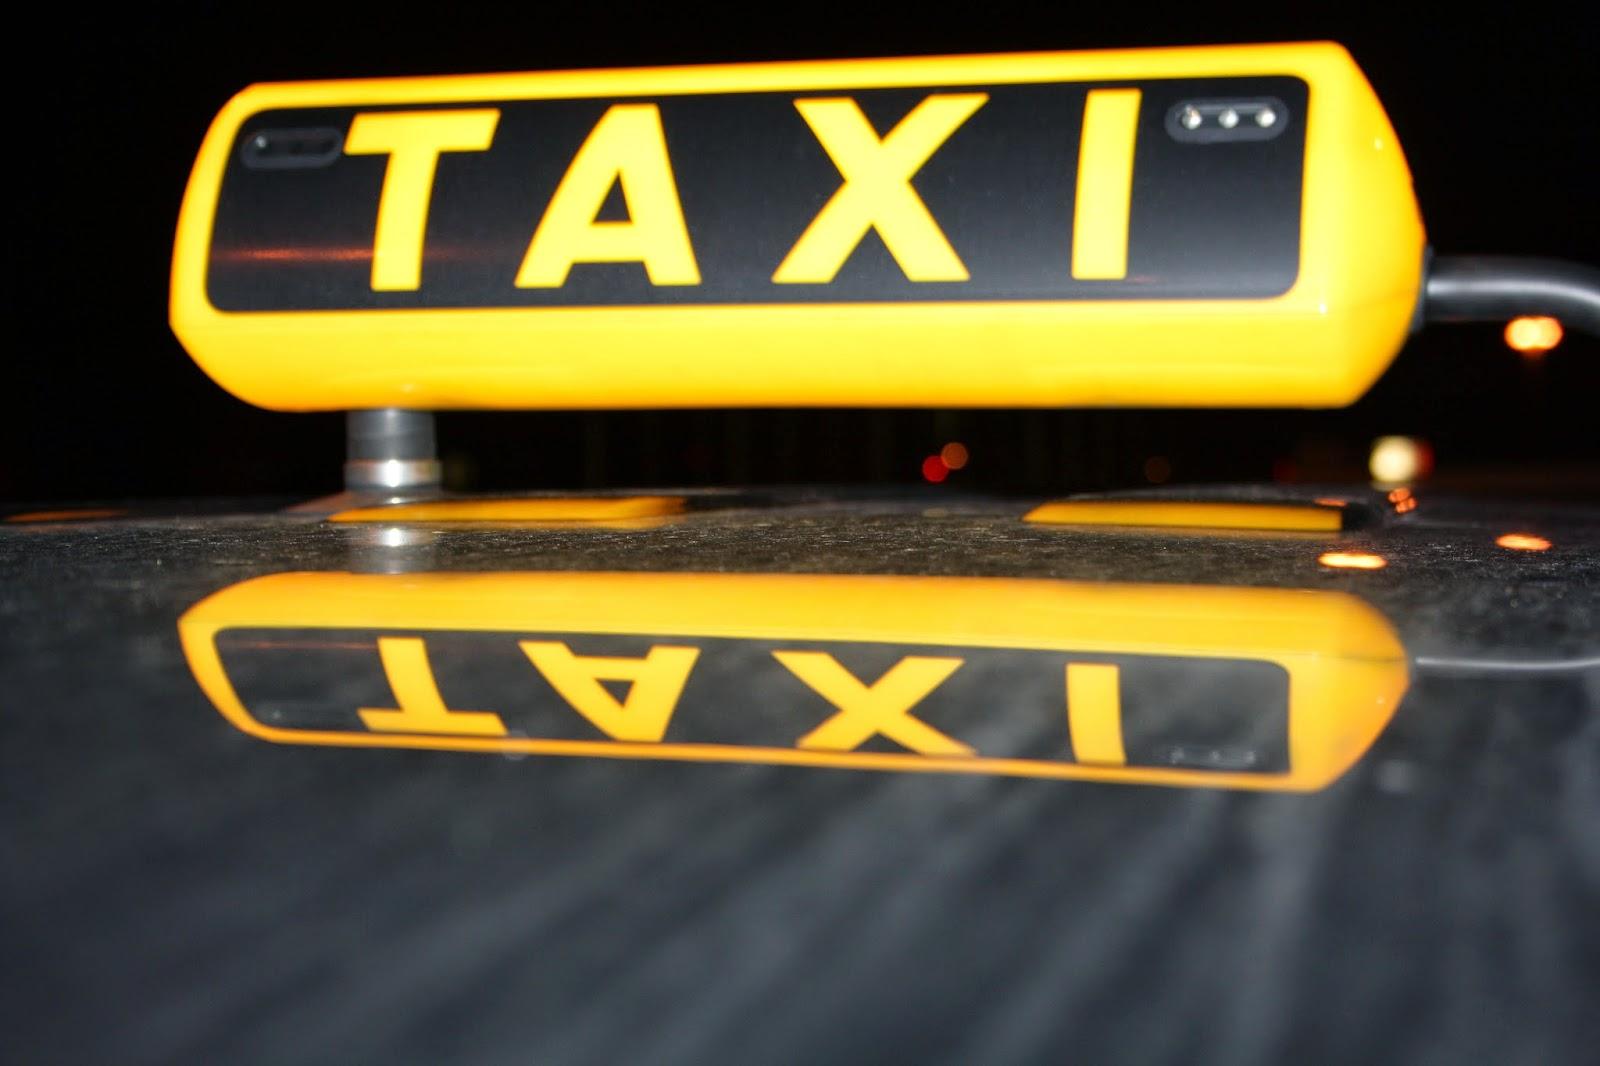 Daftar Taxi Semarang